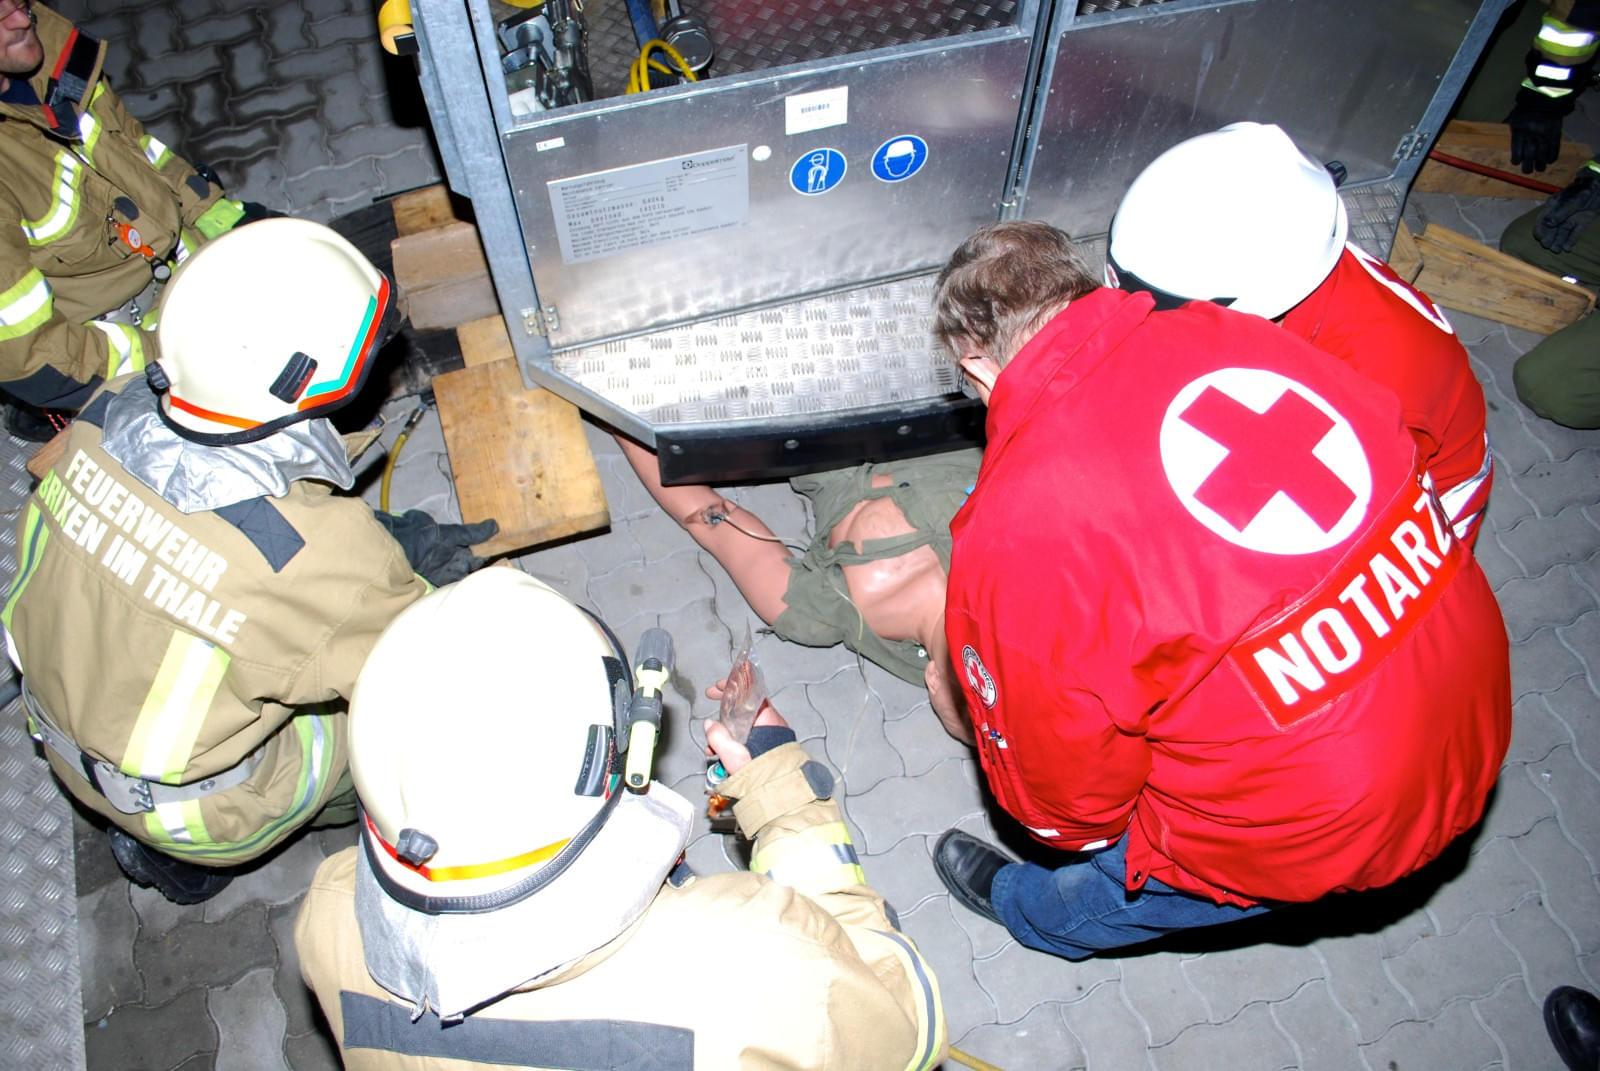 oktober fand eine gemeinschaftsbung der feuerwehr brixen mit dem roten kreuz westendorf statt die bung war in drei stationen unterteilt - Feuerwehrubungen Beispiele